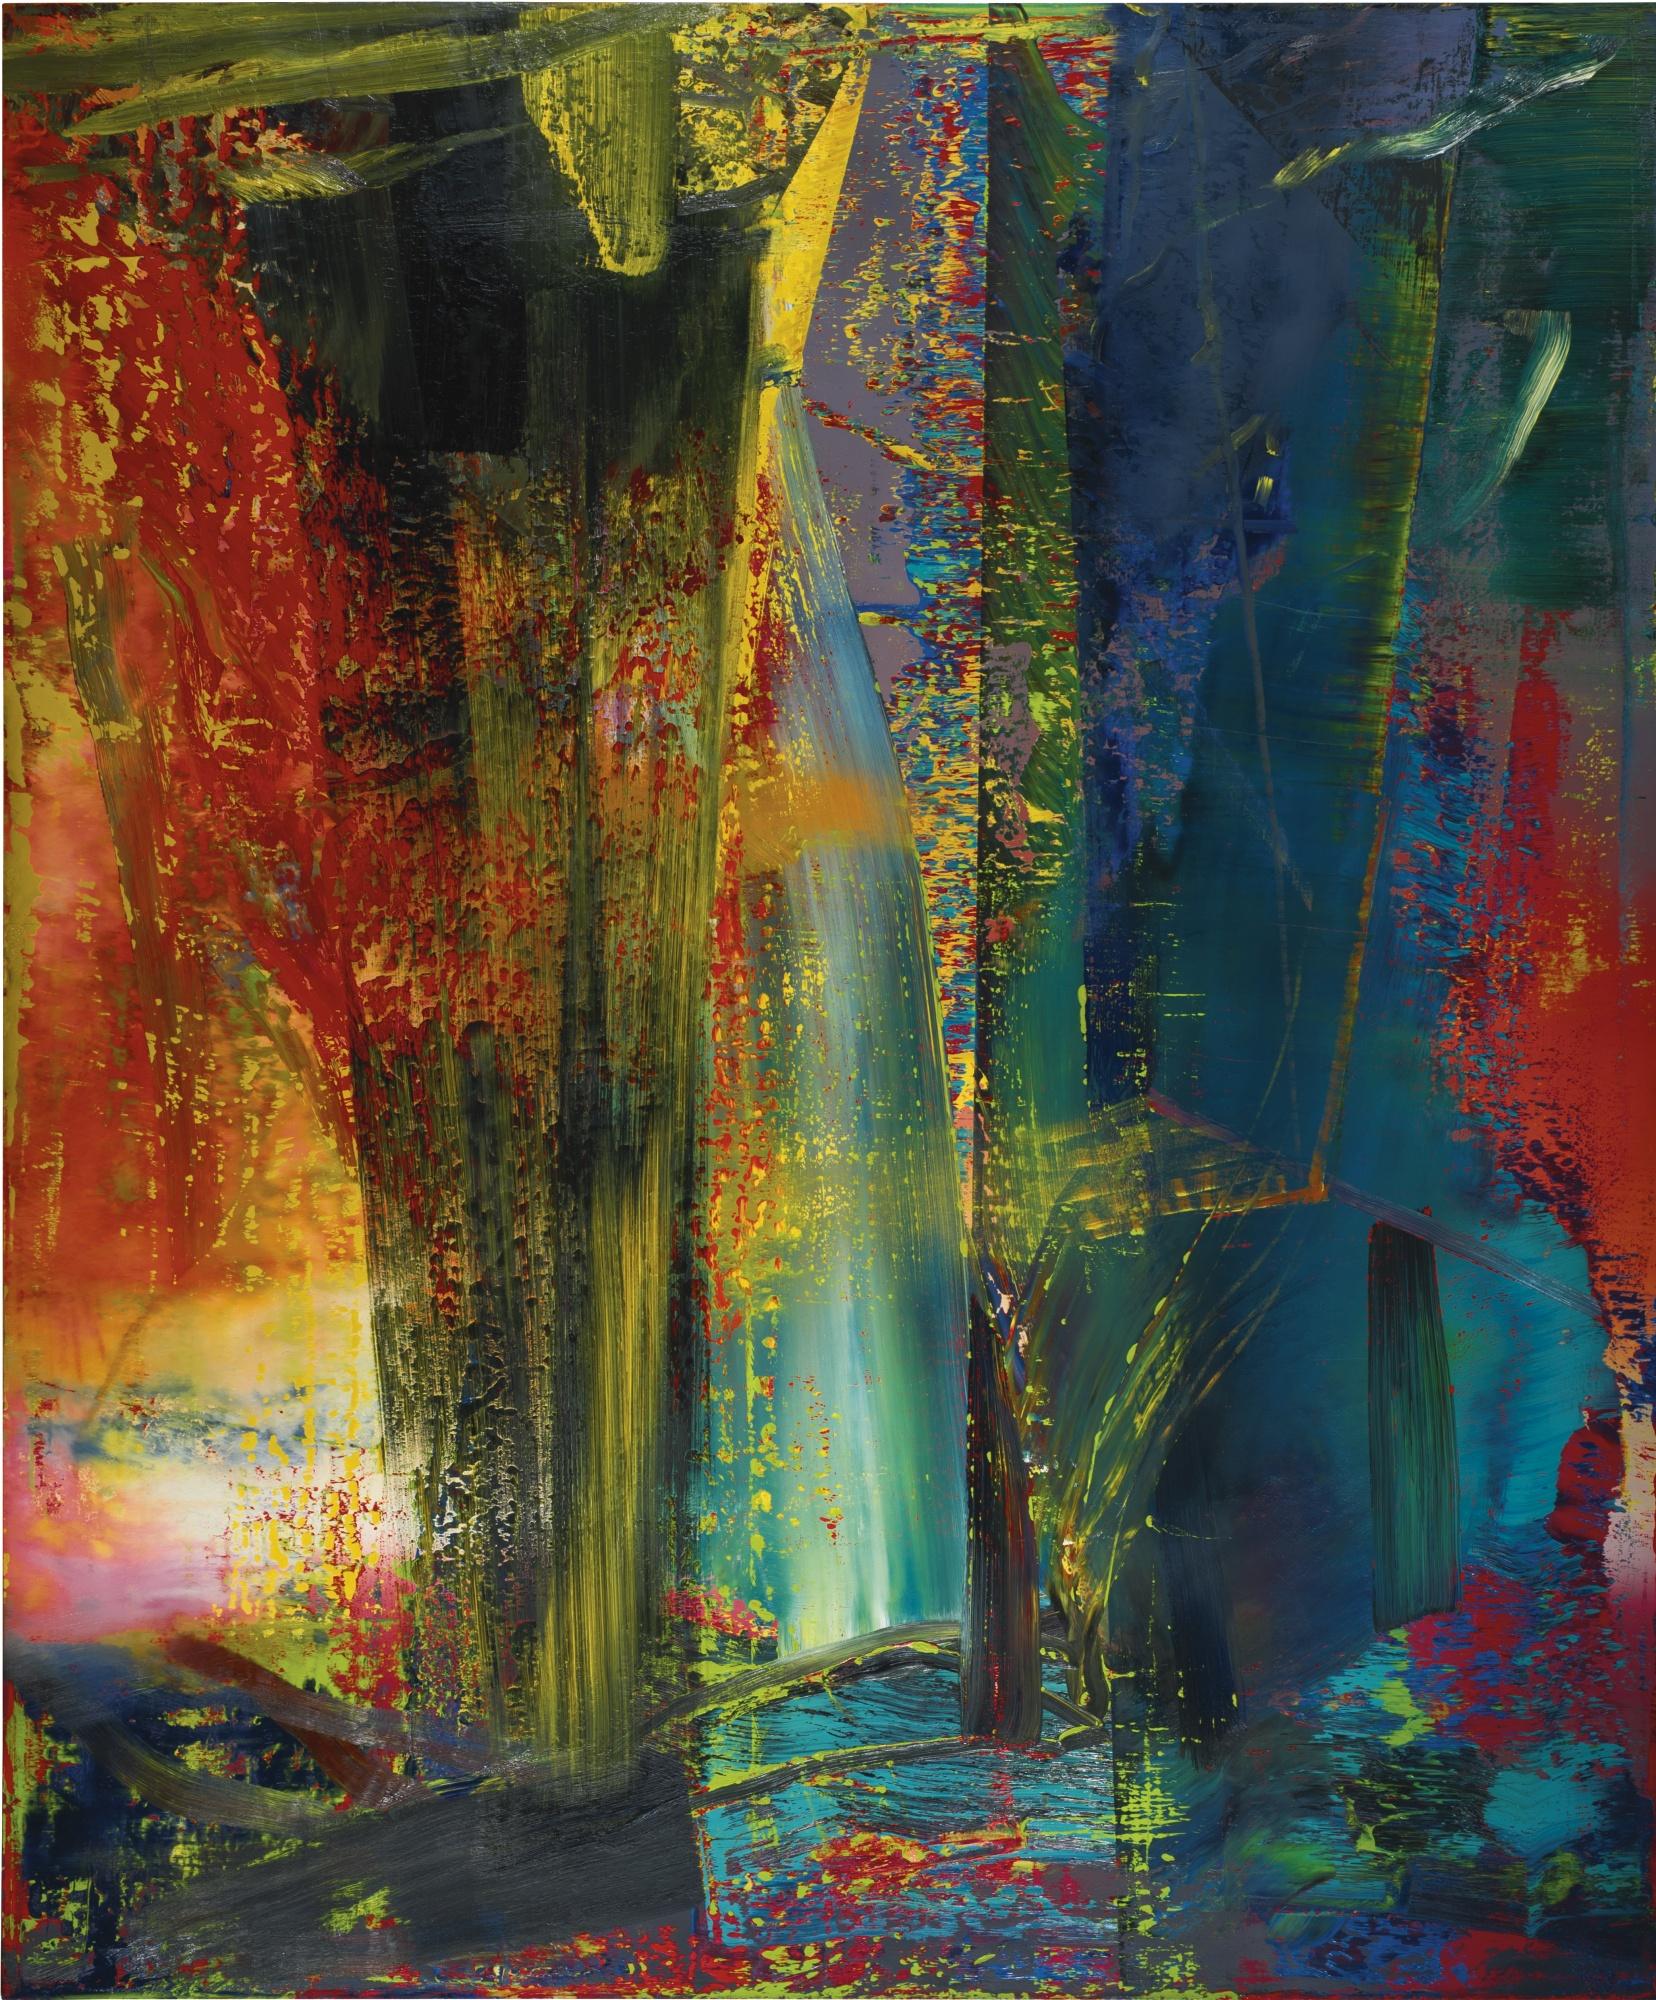 Gerhard richter un peintre photographique blog de kazoart for Combien prend un peintre au m2